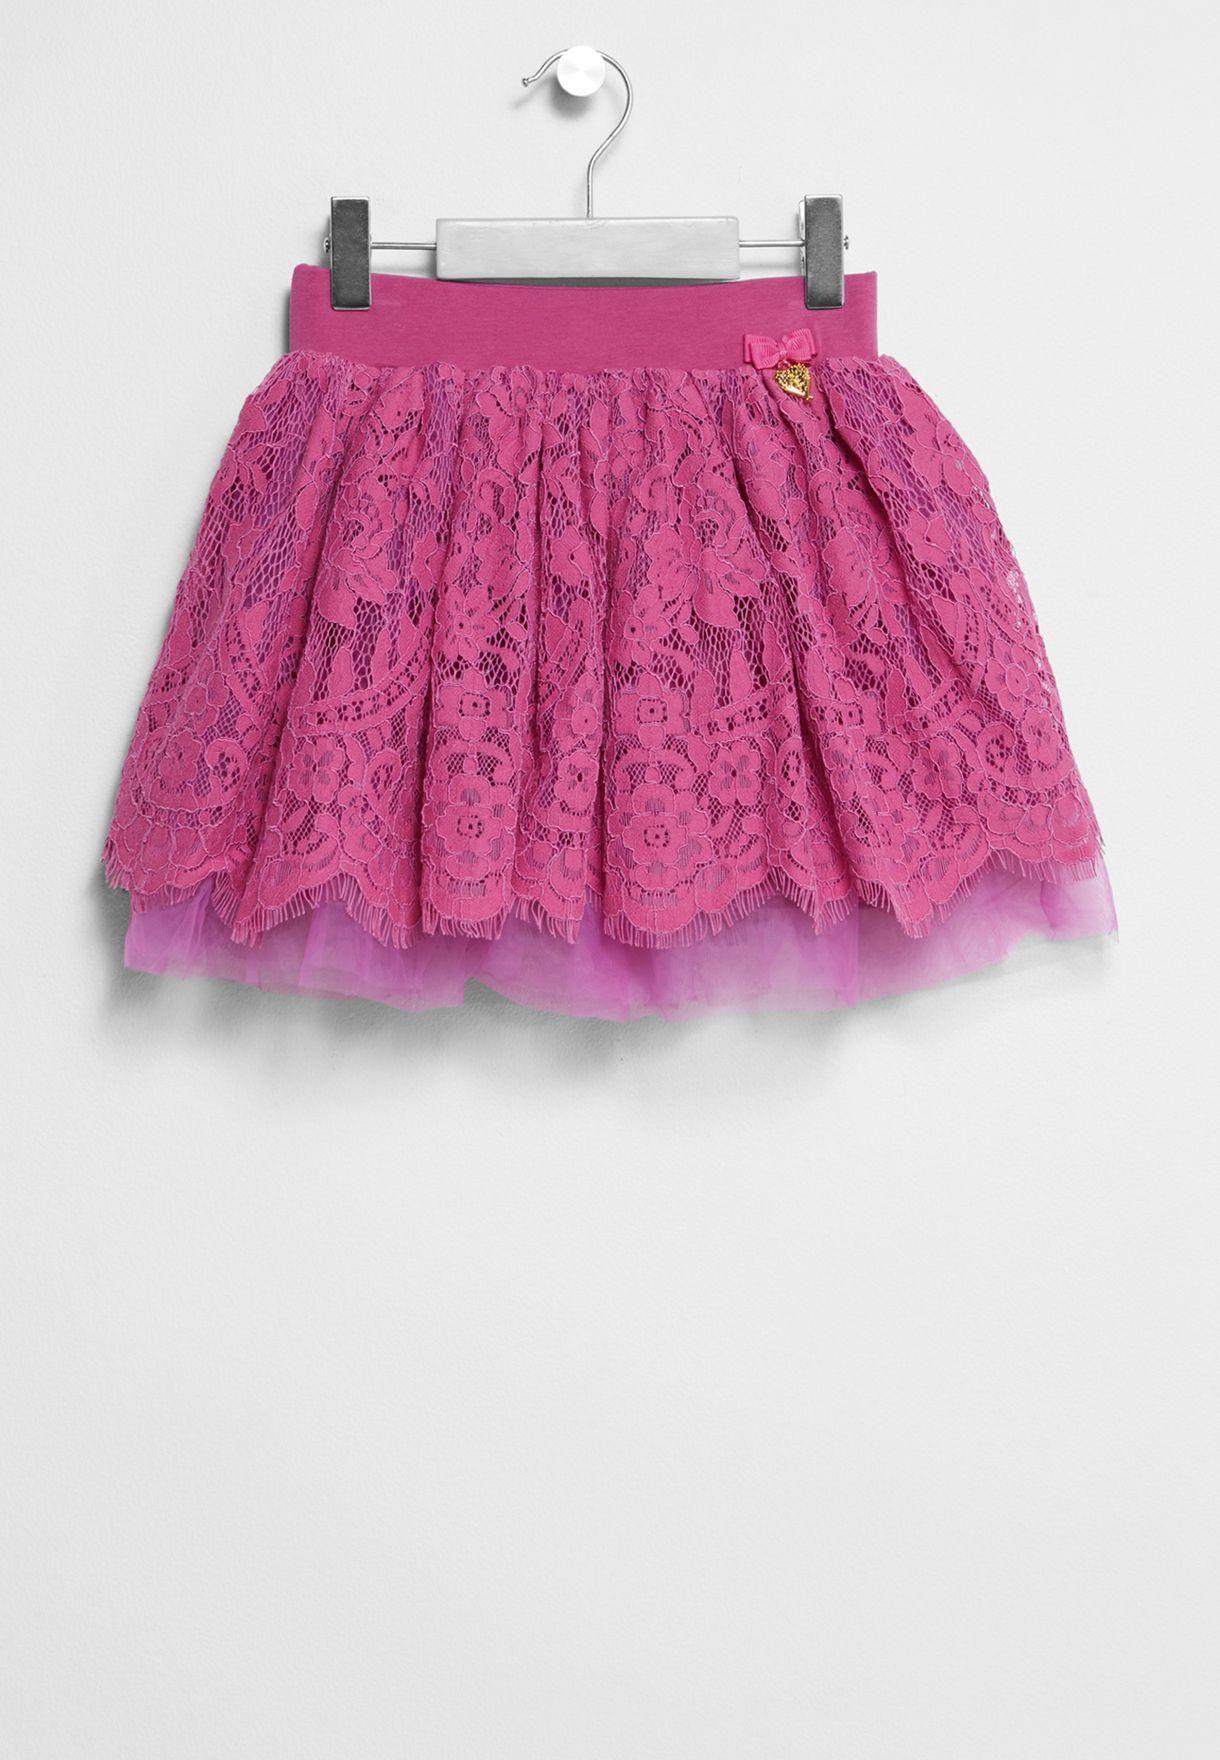 تنورة قصيرة للاطفال بمناسبة عيد الاضحى